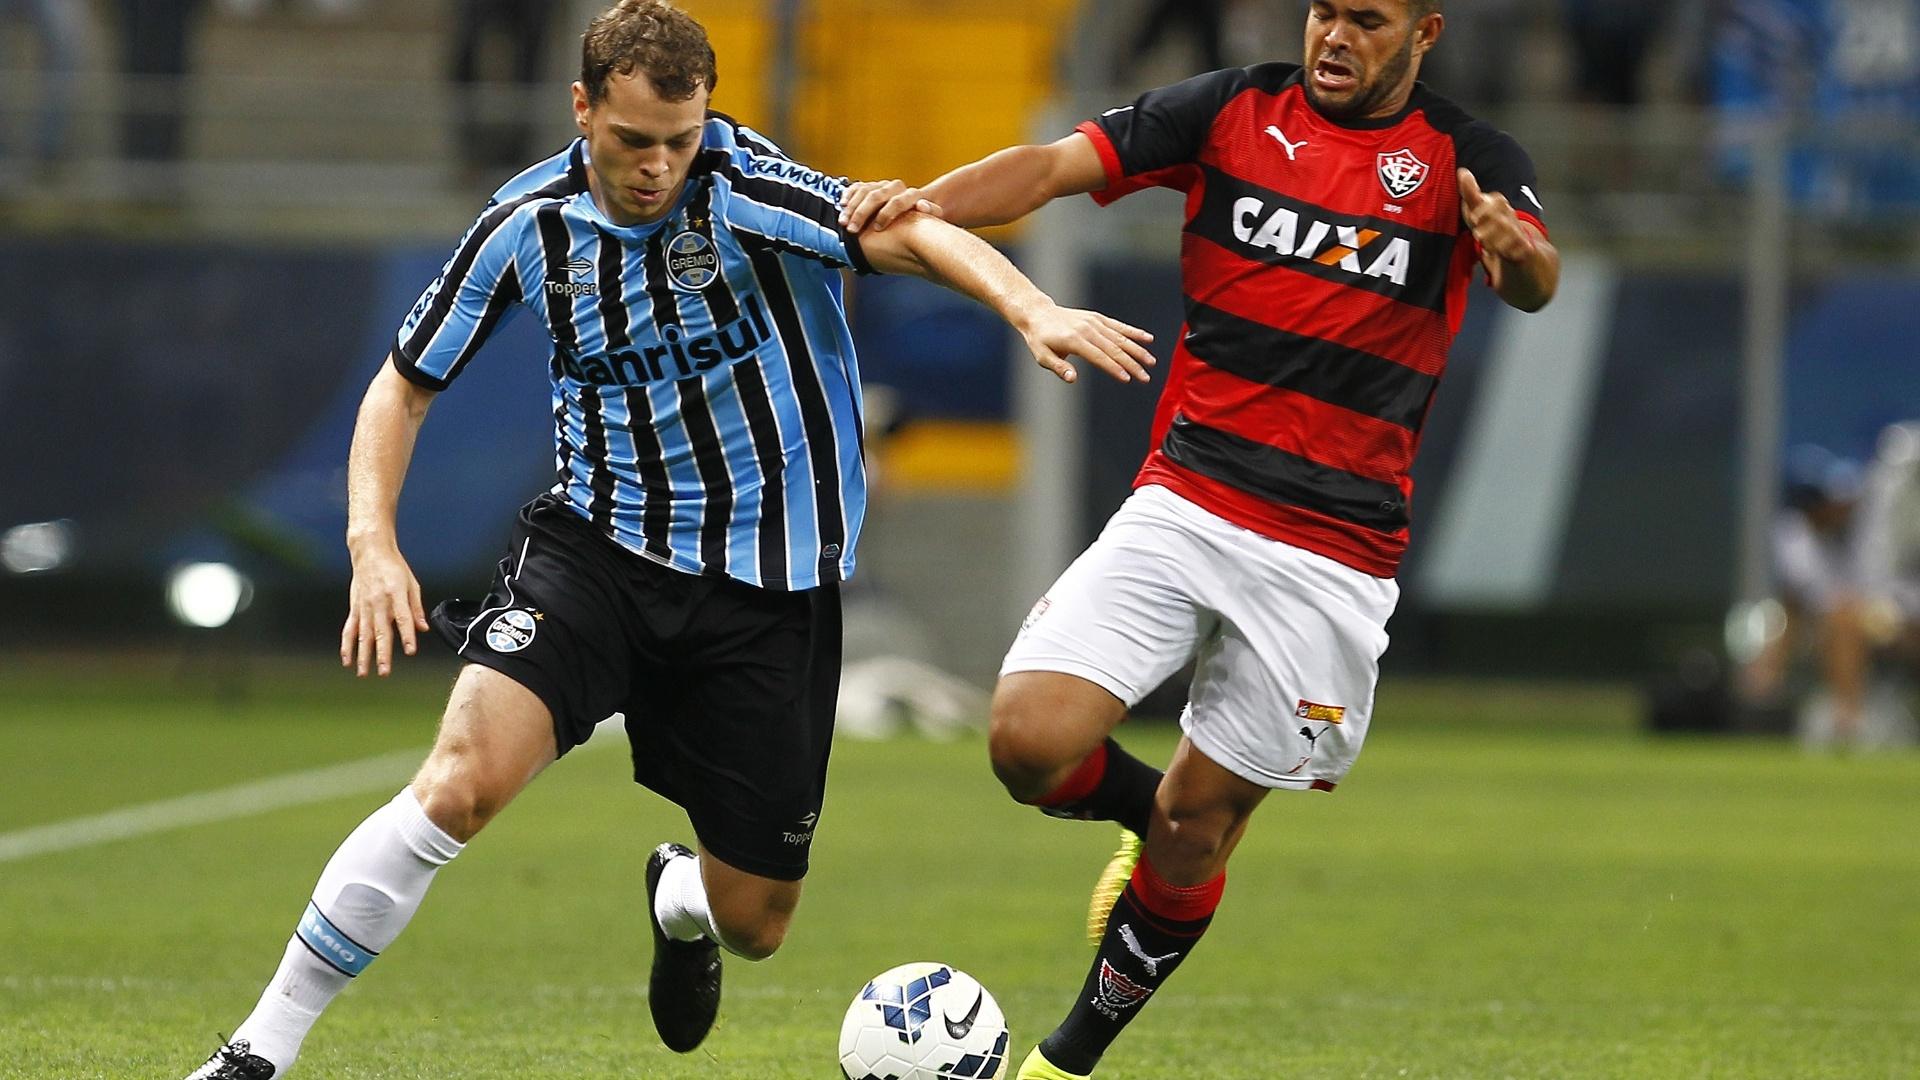 Lucas Coelho tenta se livrar da marcação do Vitória no jogo do Grêmio pelo Brasileirão